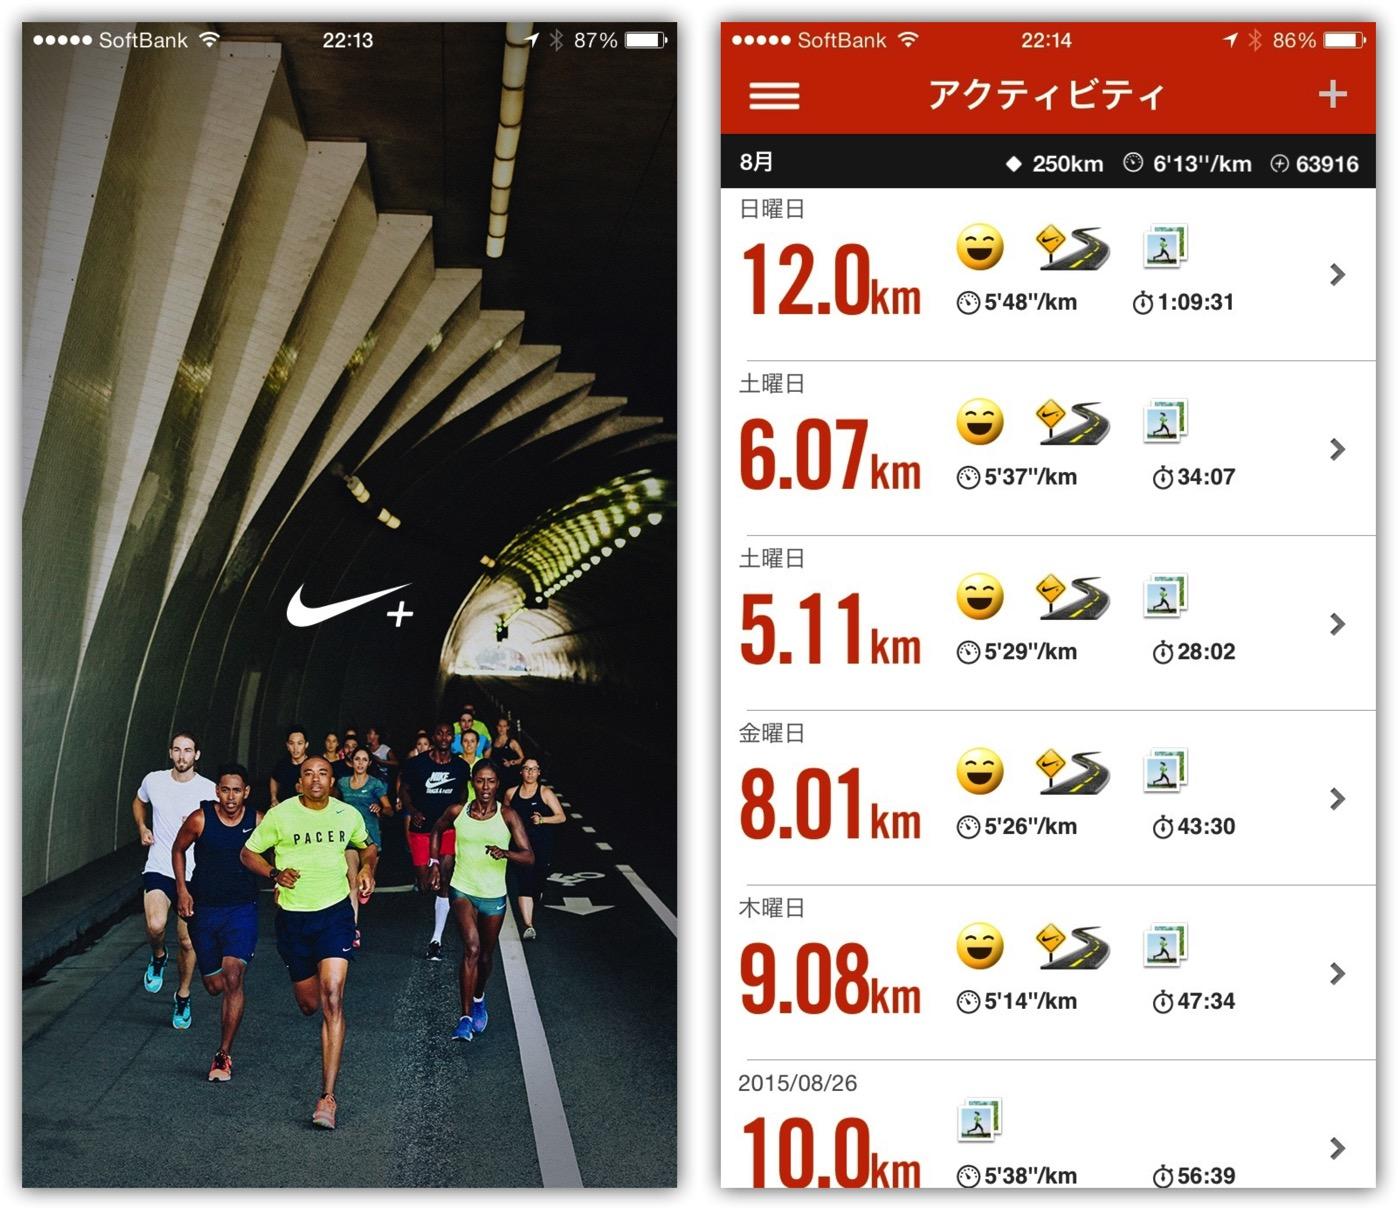 NIKE+Running-1